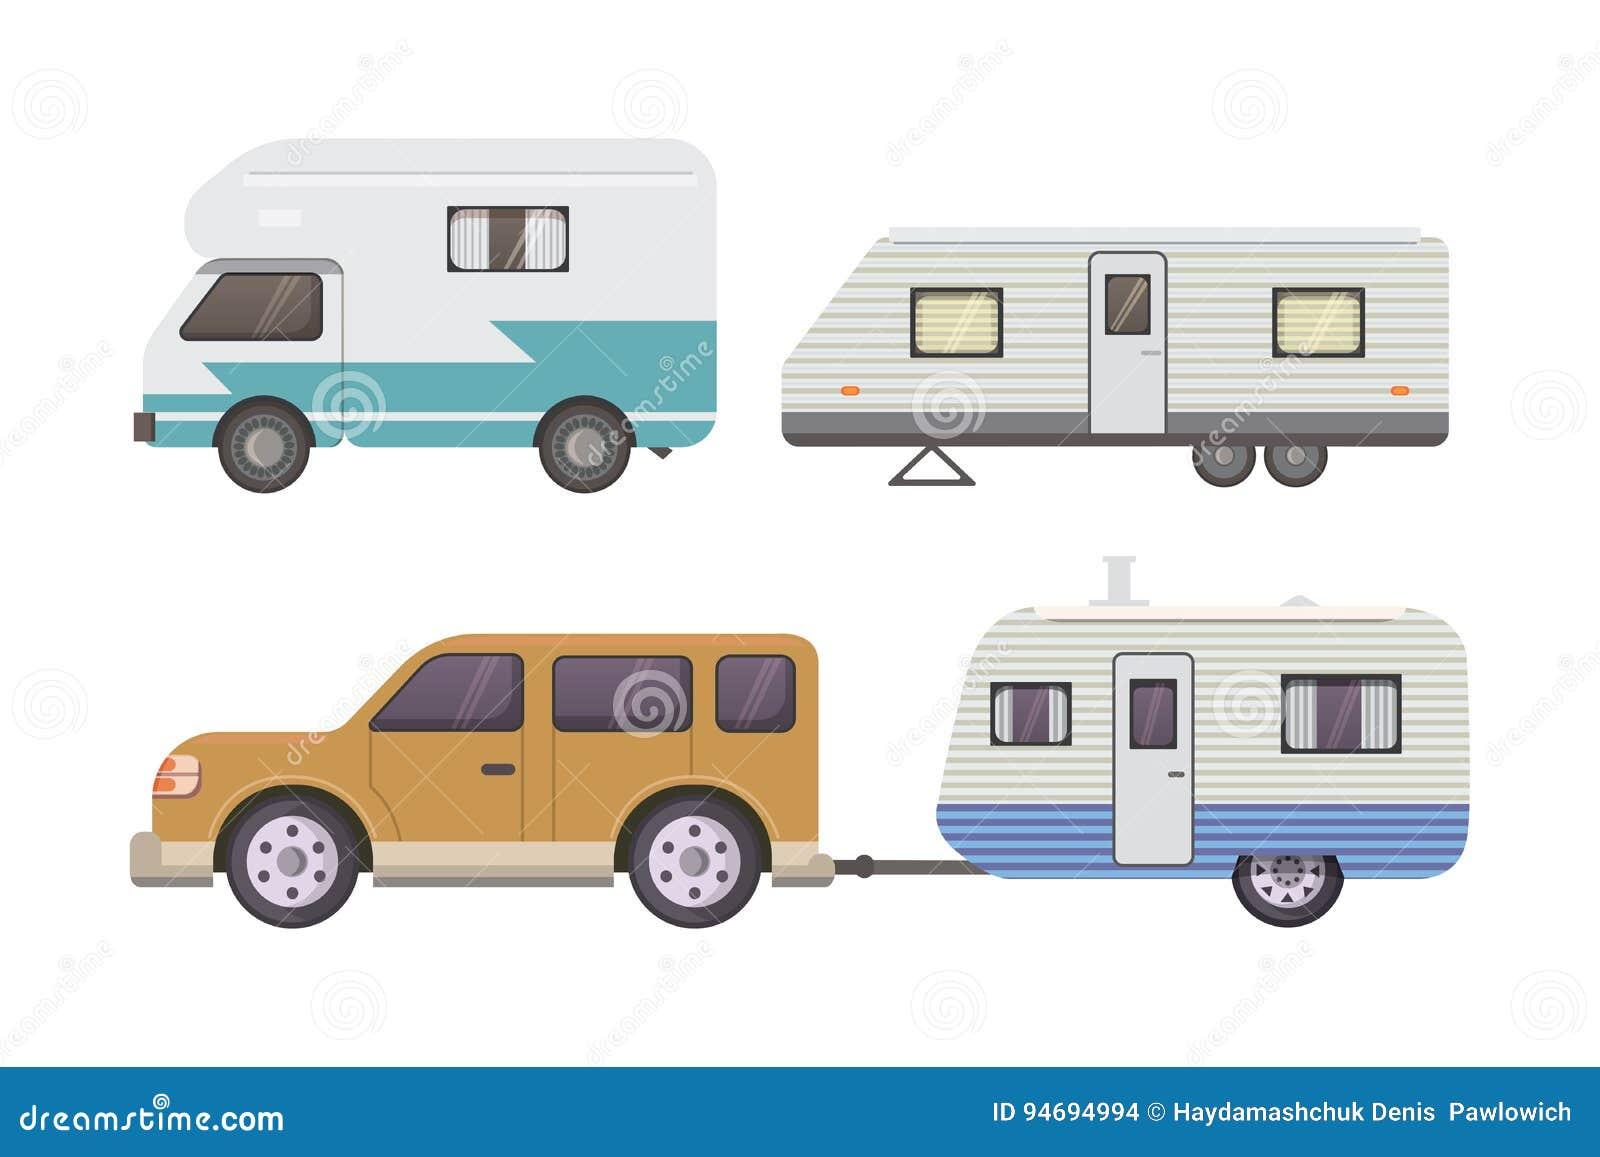 Rétro collection de remorque de campeur caravane de remorques de voiture tourisme